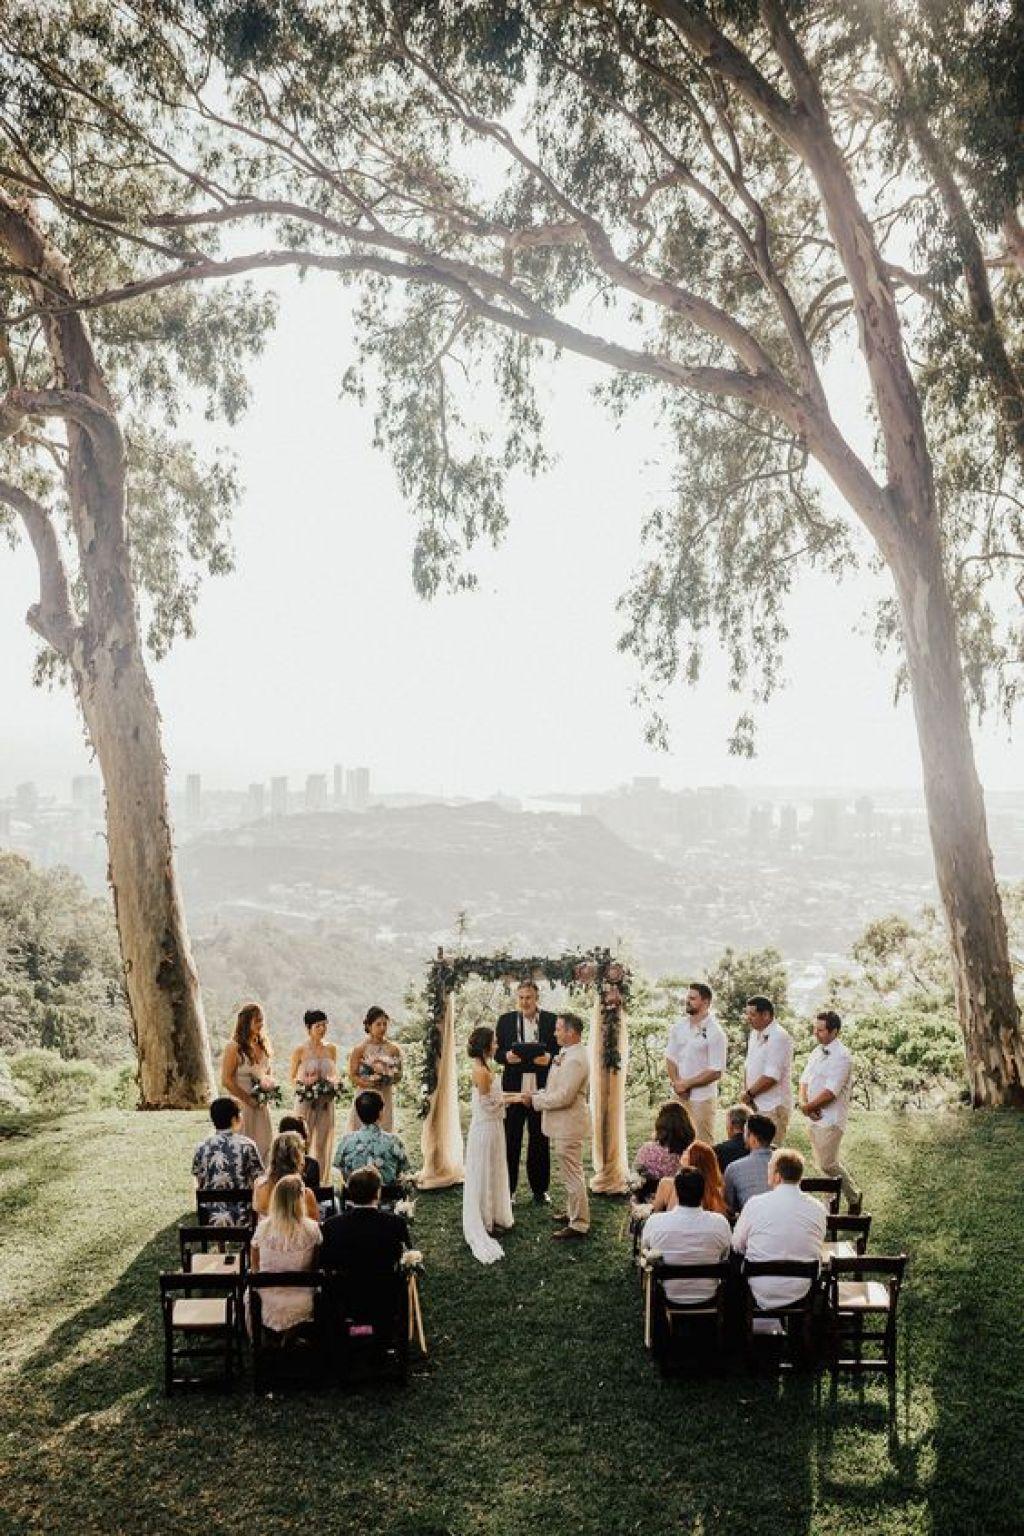 Como organizar una boda civil - Como Organizar una Boda: ¡10 Pasos a Seguir!